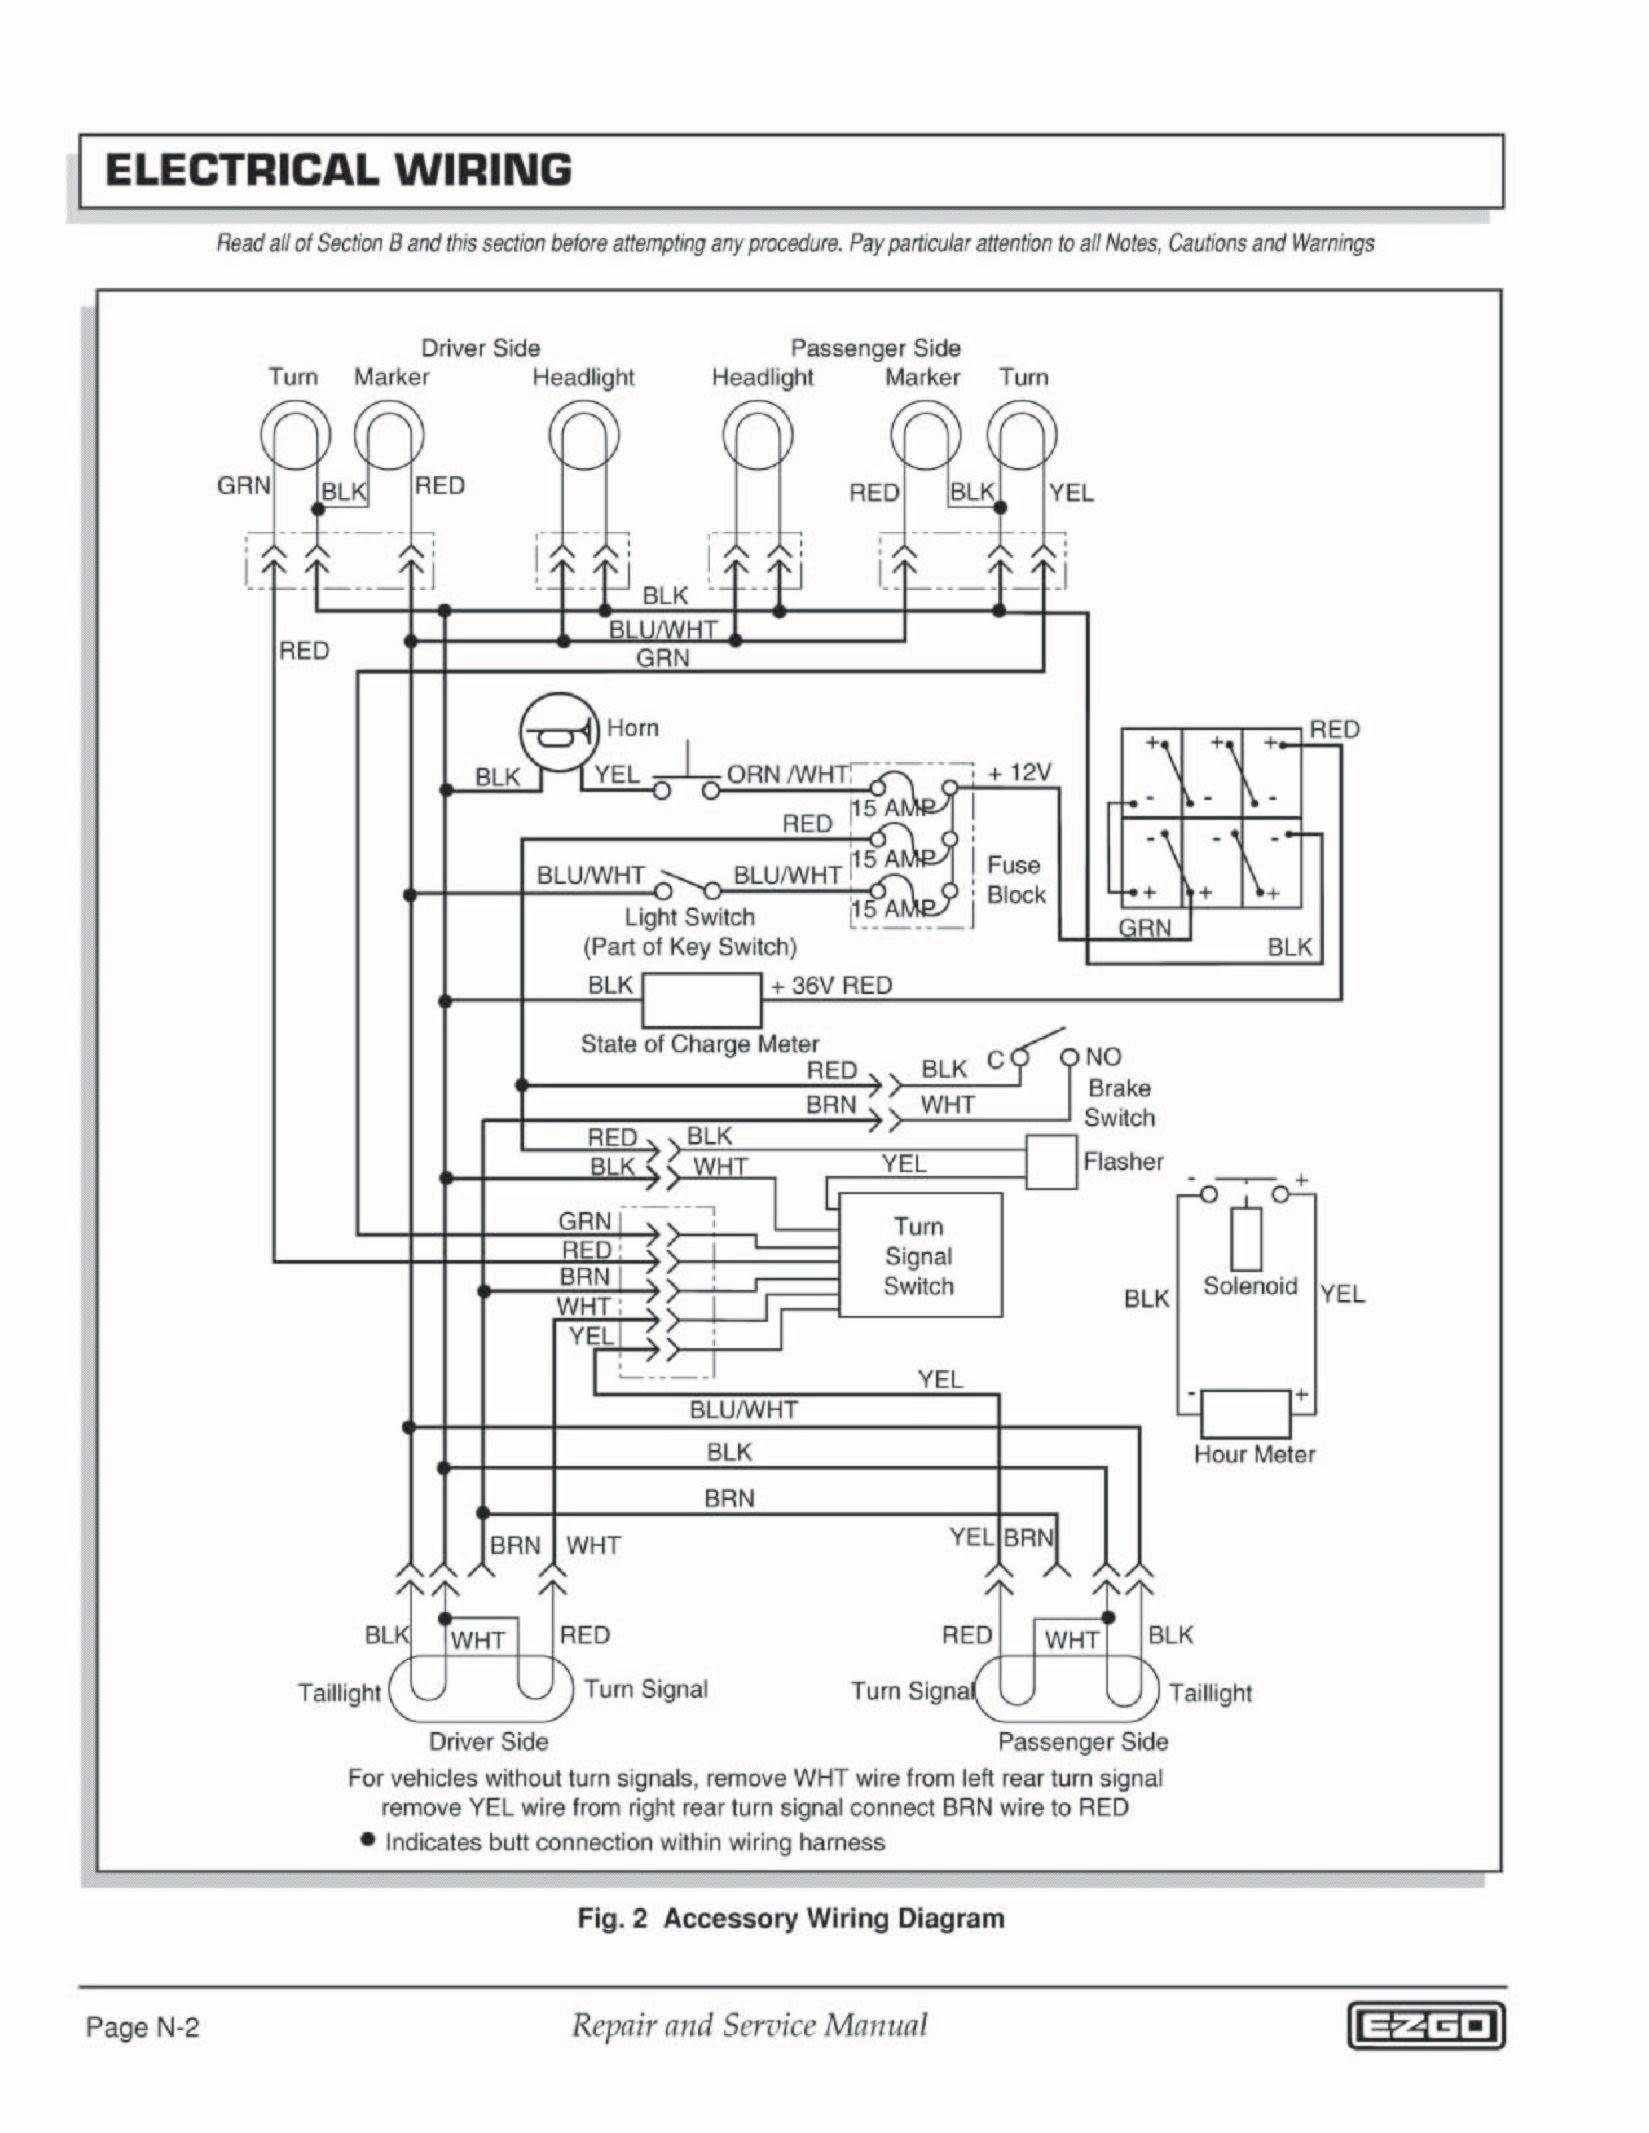 1994 Ezgo Gas Engine Wiring Diagram 1990 Ezgo Gas Wiring Diagram Wiring Diagram Schematic Of 1994 Ezgo Gas Engine Wiring Diagram